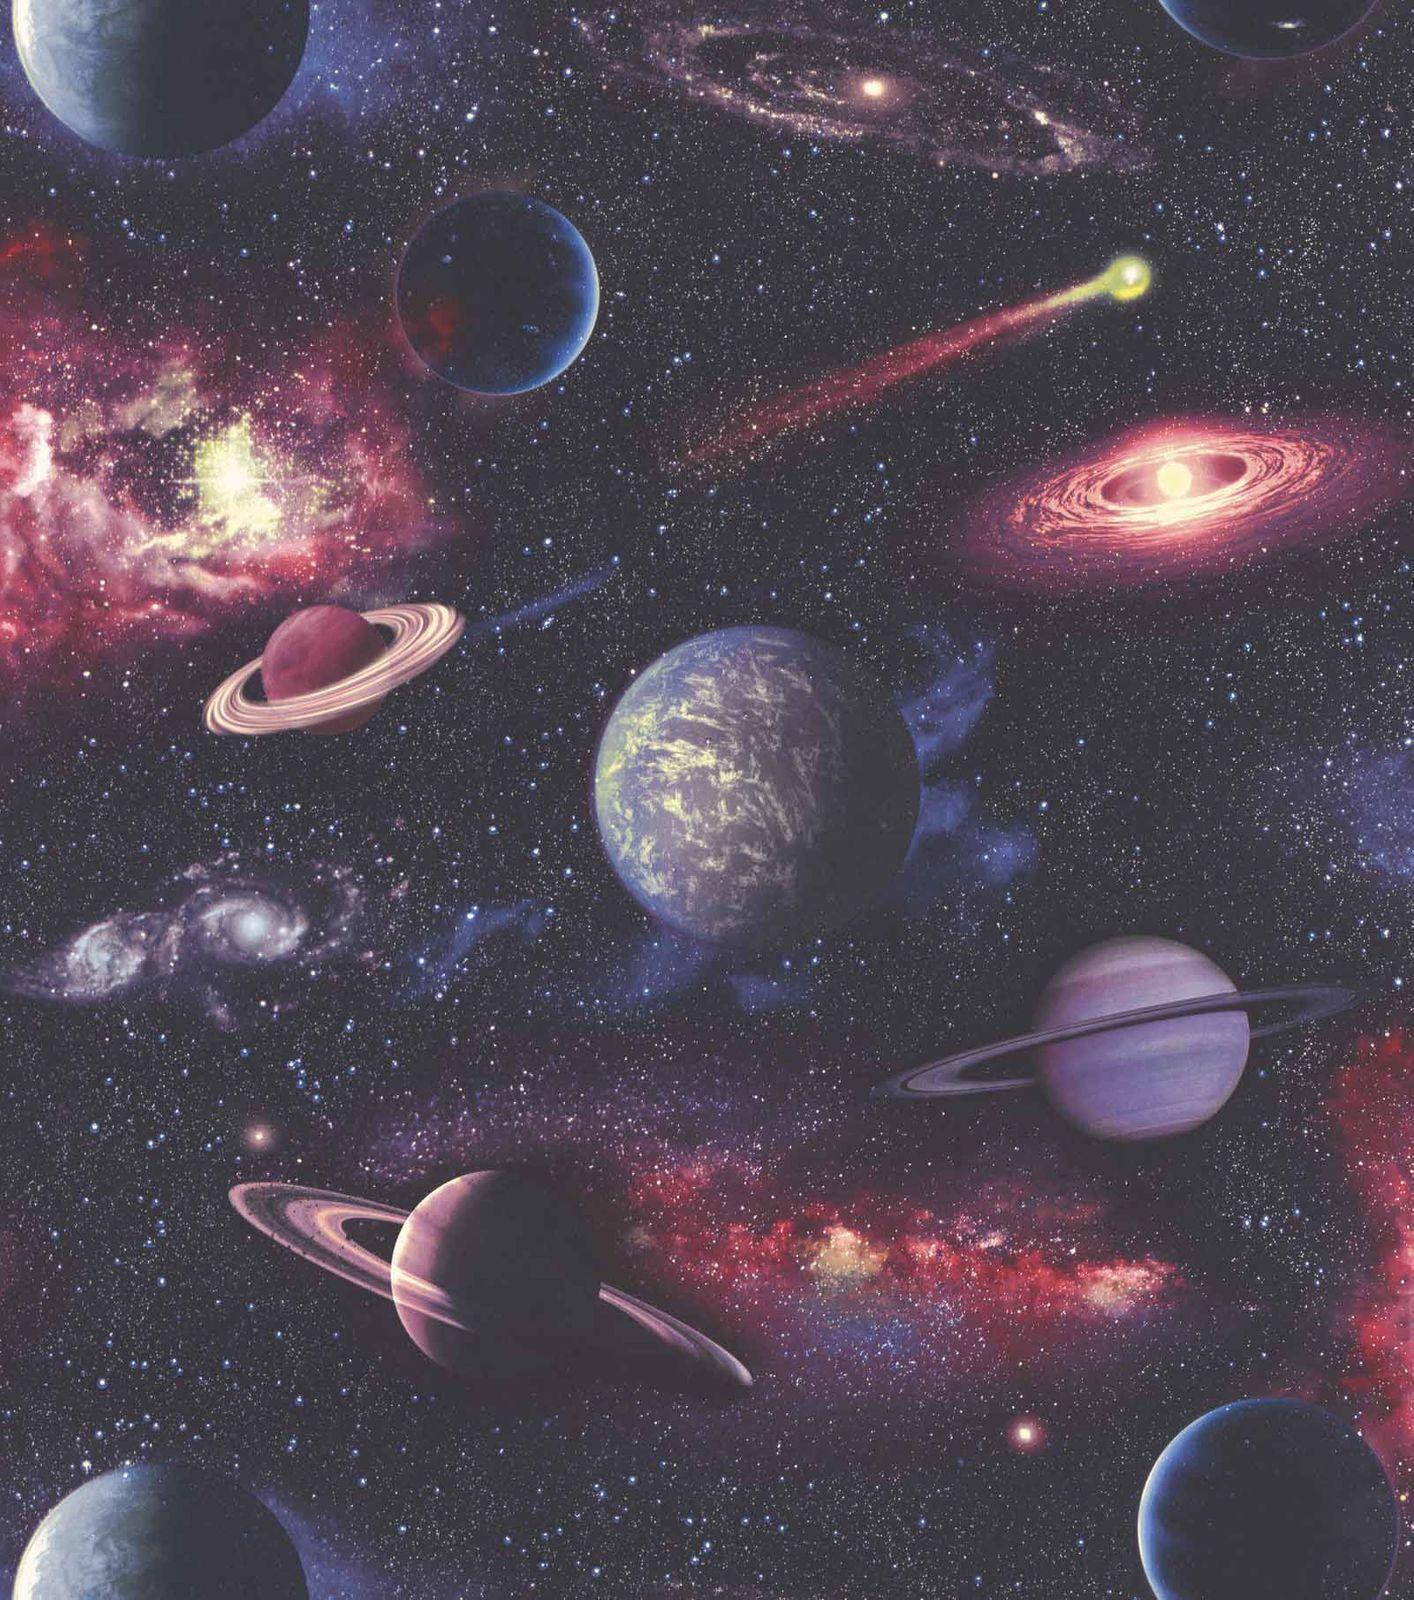 Vliestapete Kinder Kosmos Weltraum rot blau Rasch 815429